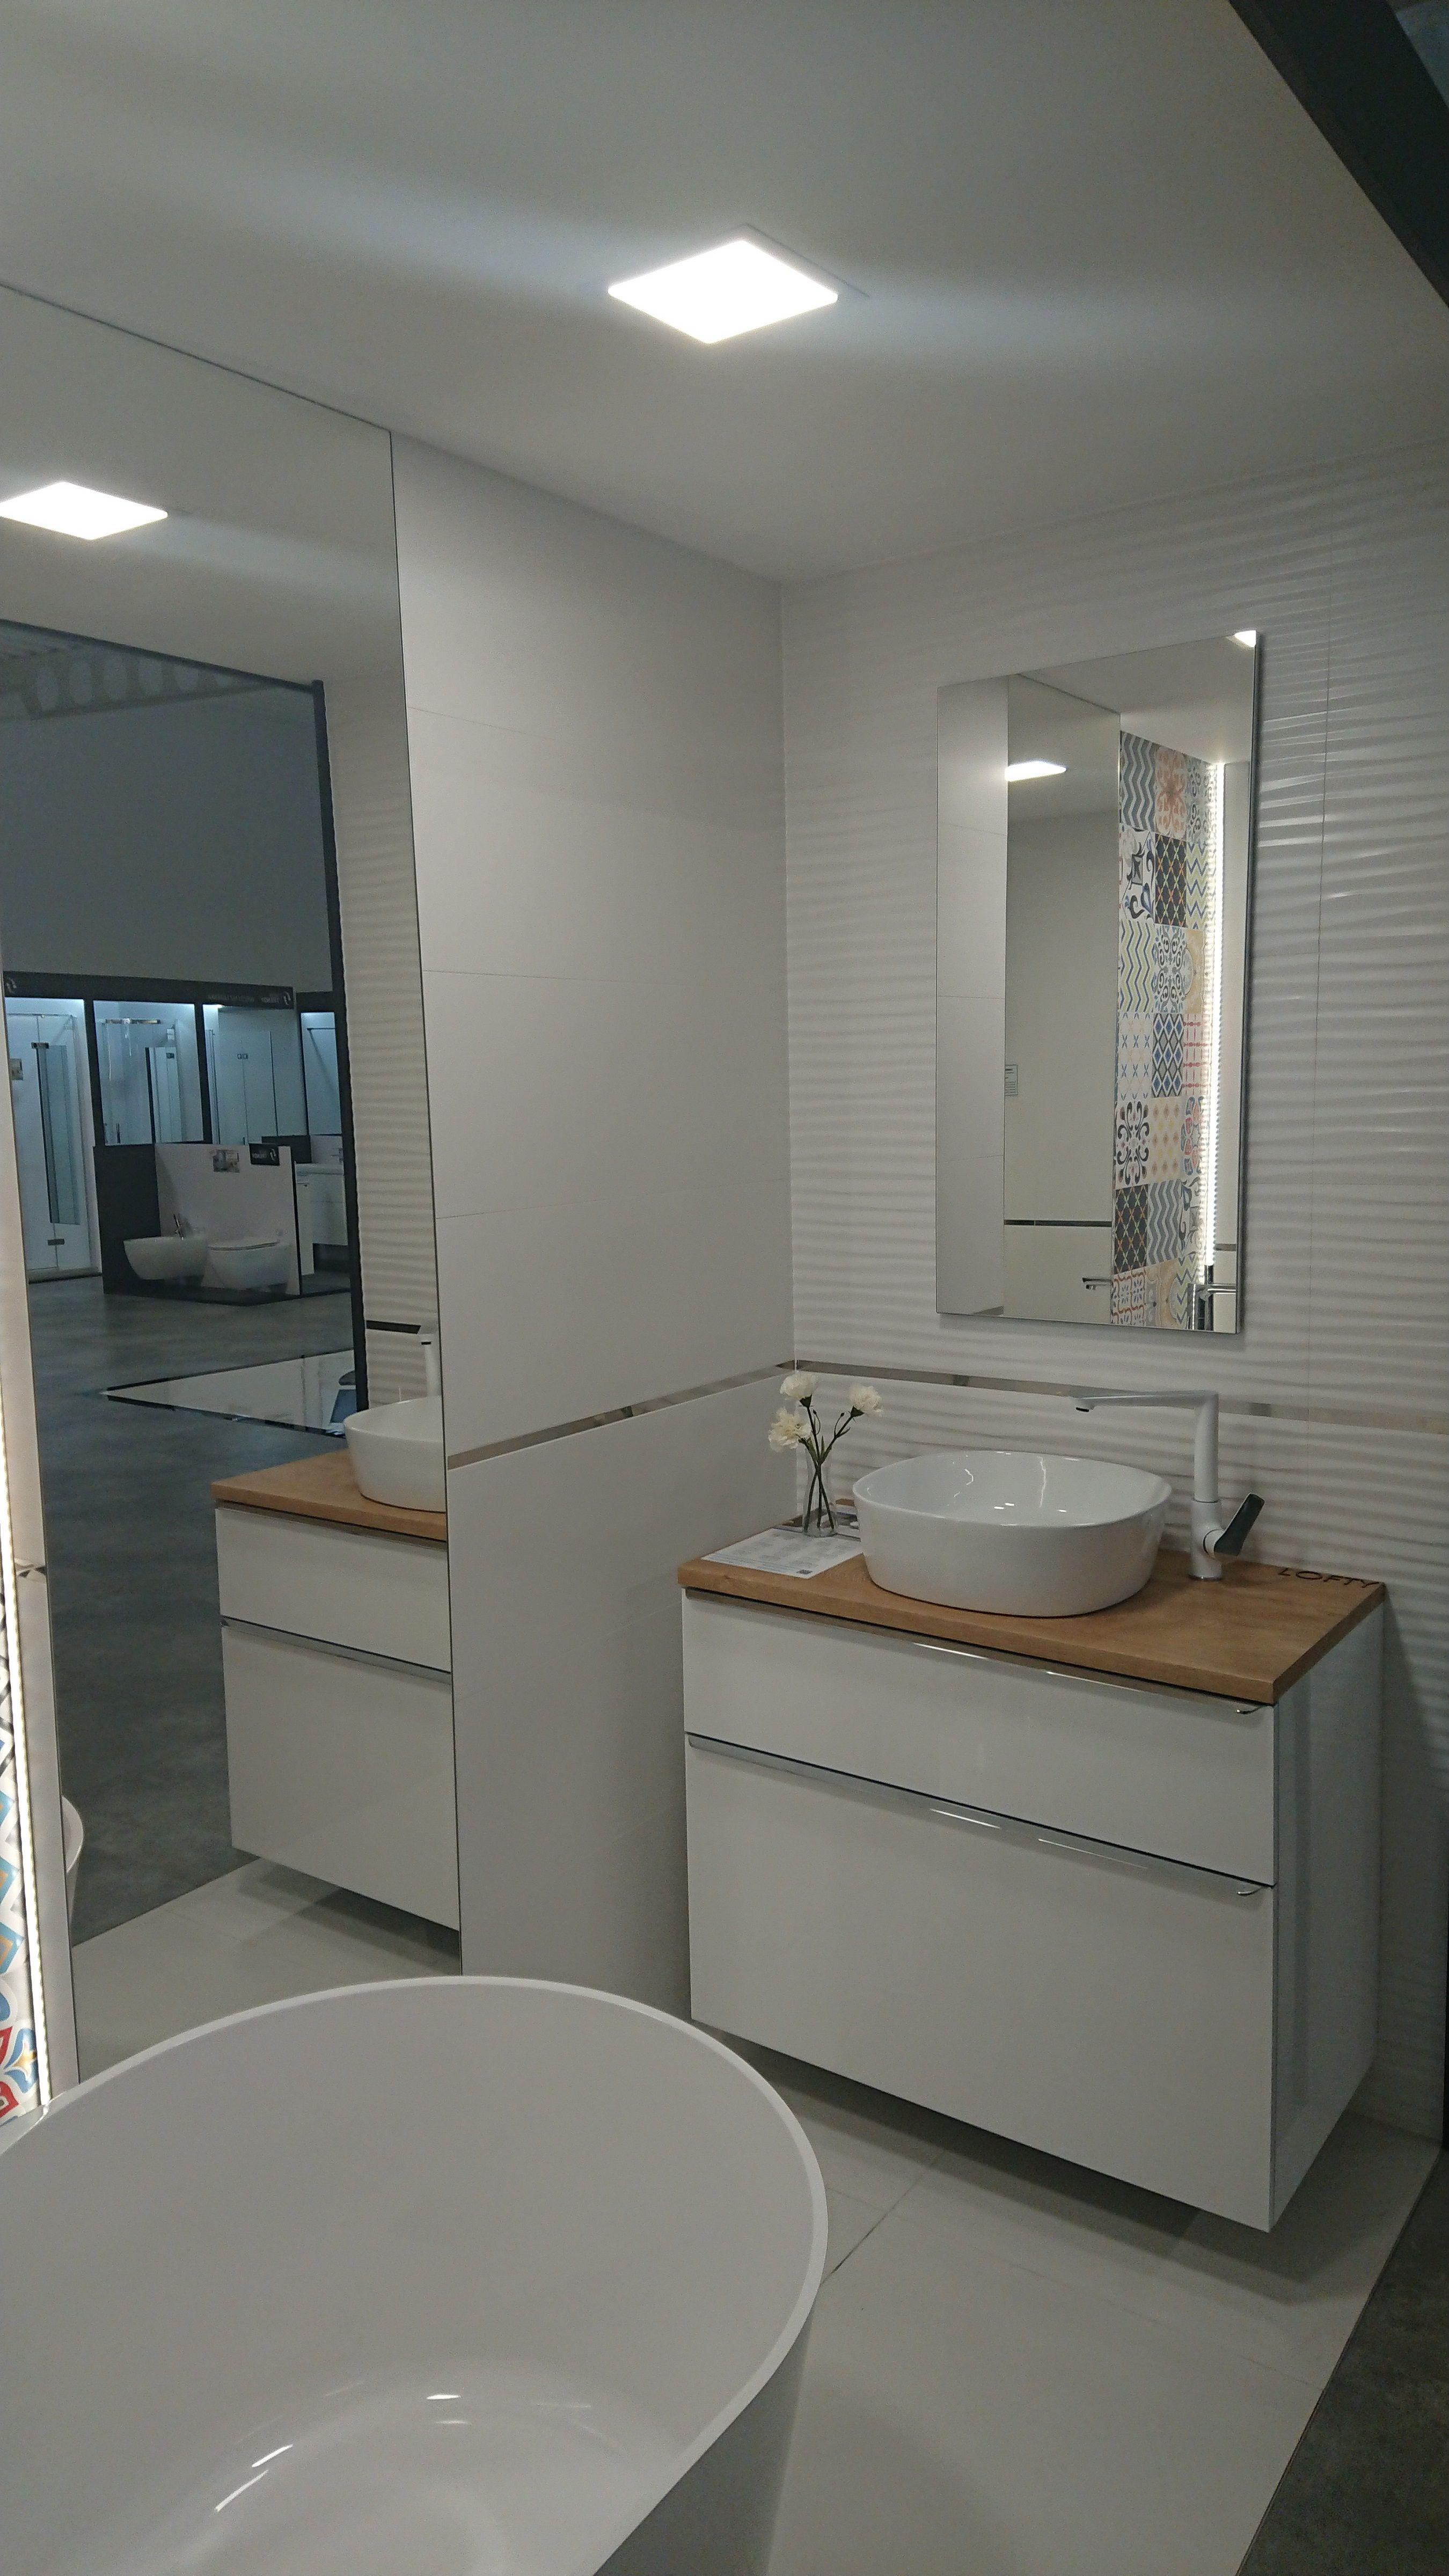 Meble łazienkowe Z Kolekcji Lofty W łazienki Czesław